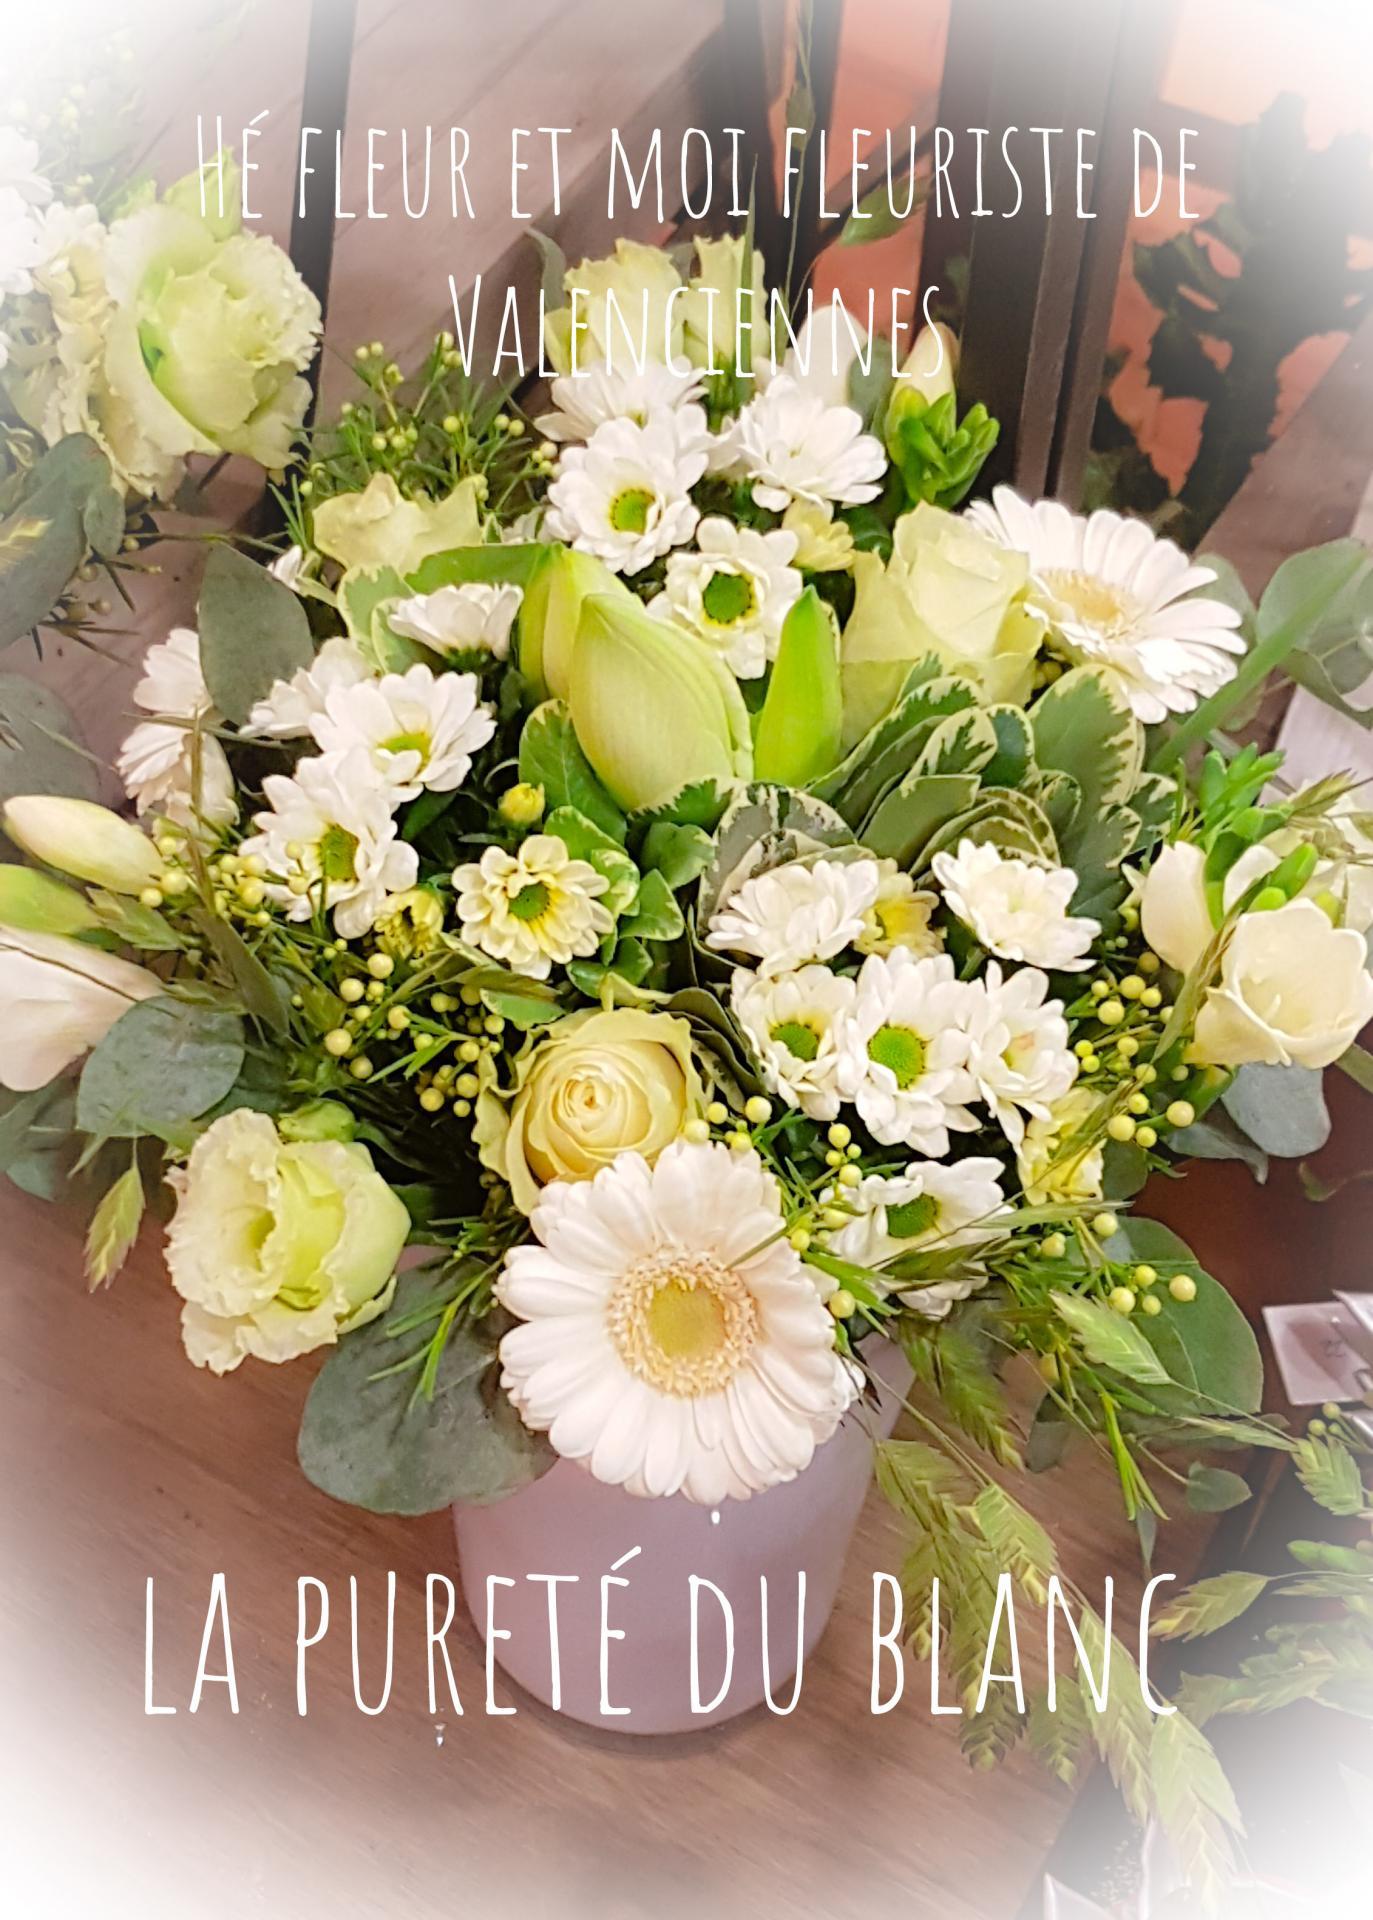 Bouquet blanc fleuriste de Valenciennes Hé fleur et moi fleuriste de Valenciennes